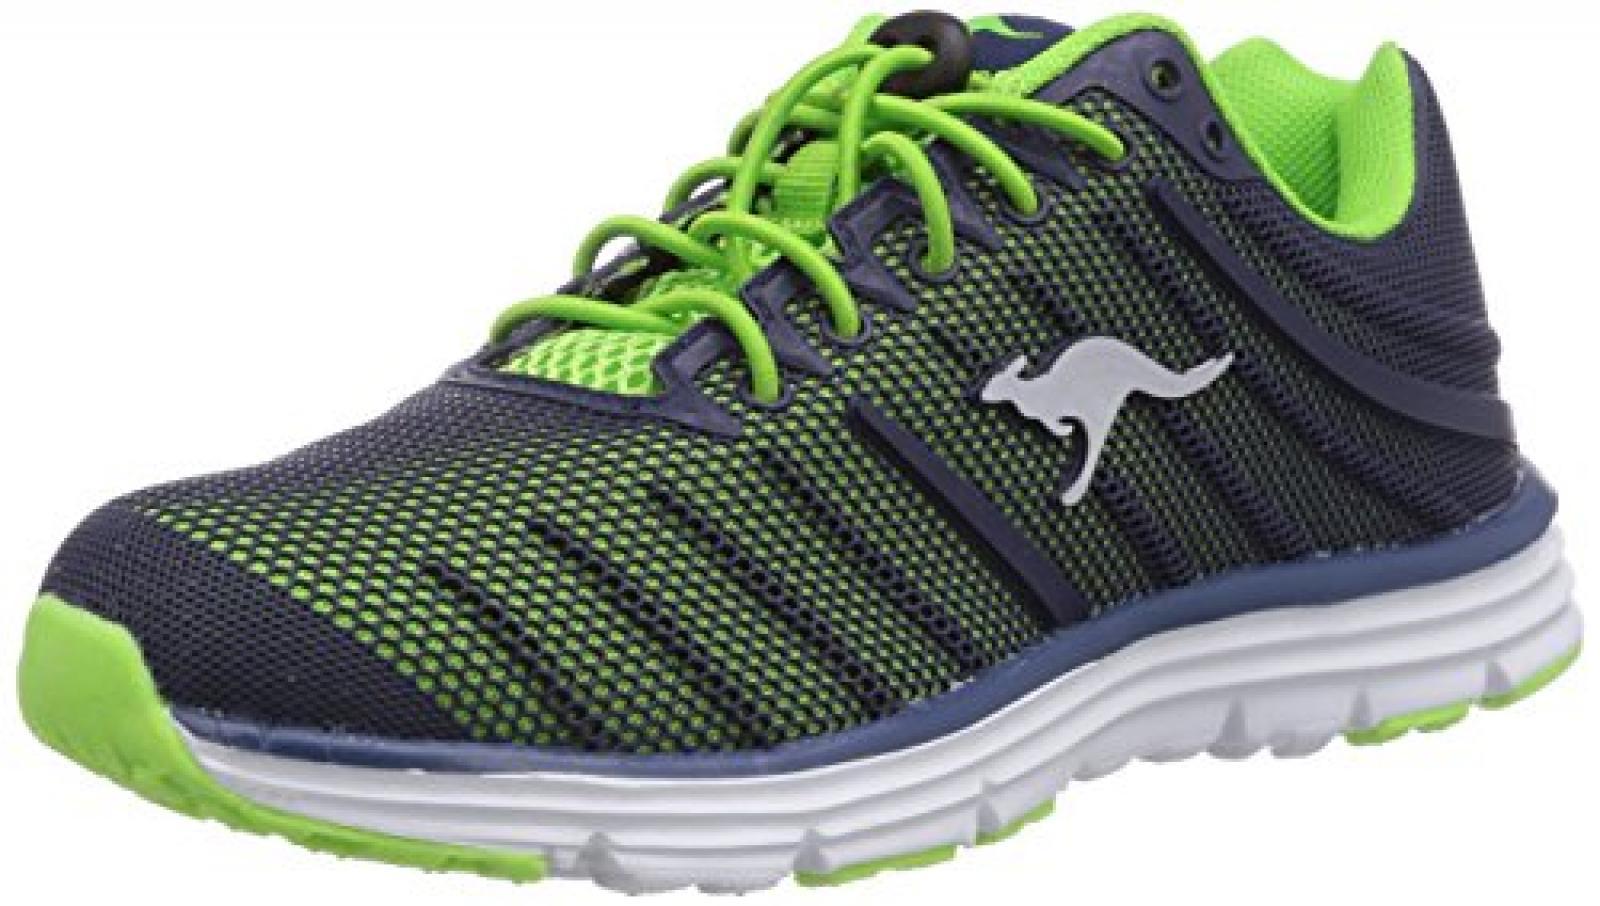 KangaROOS KangaTech 2081 Unisex-Kinder Sneakers